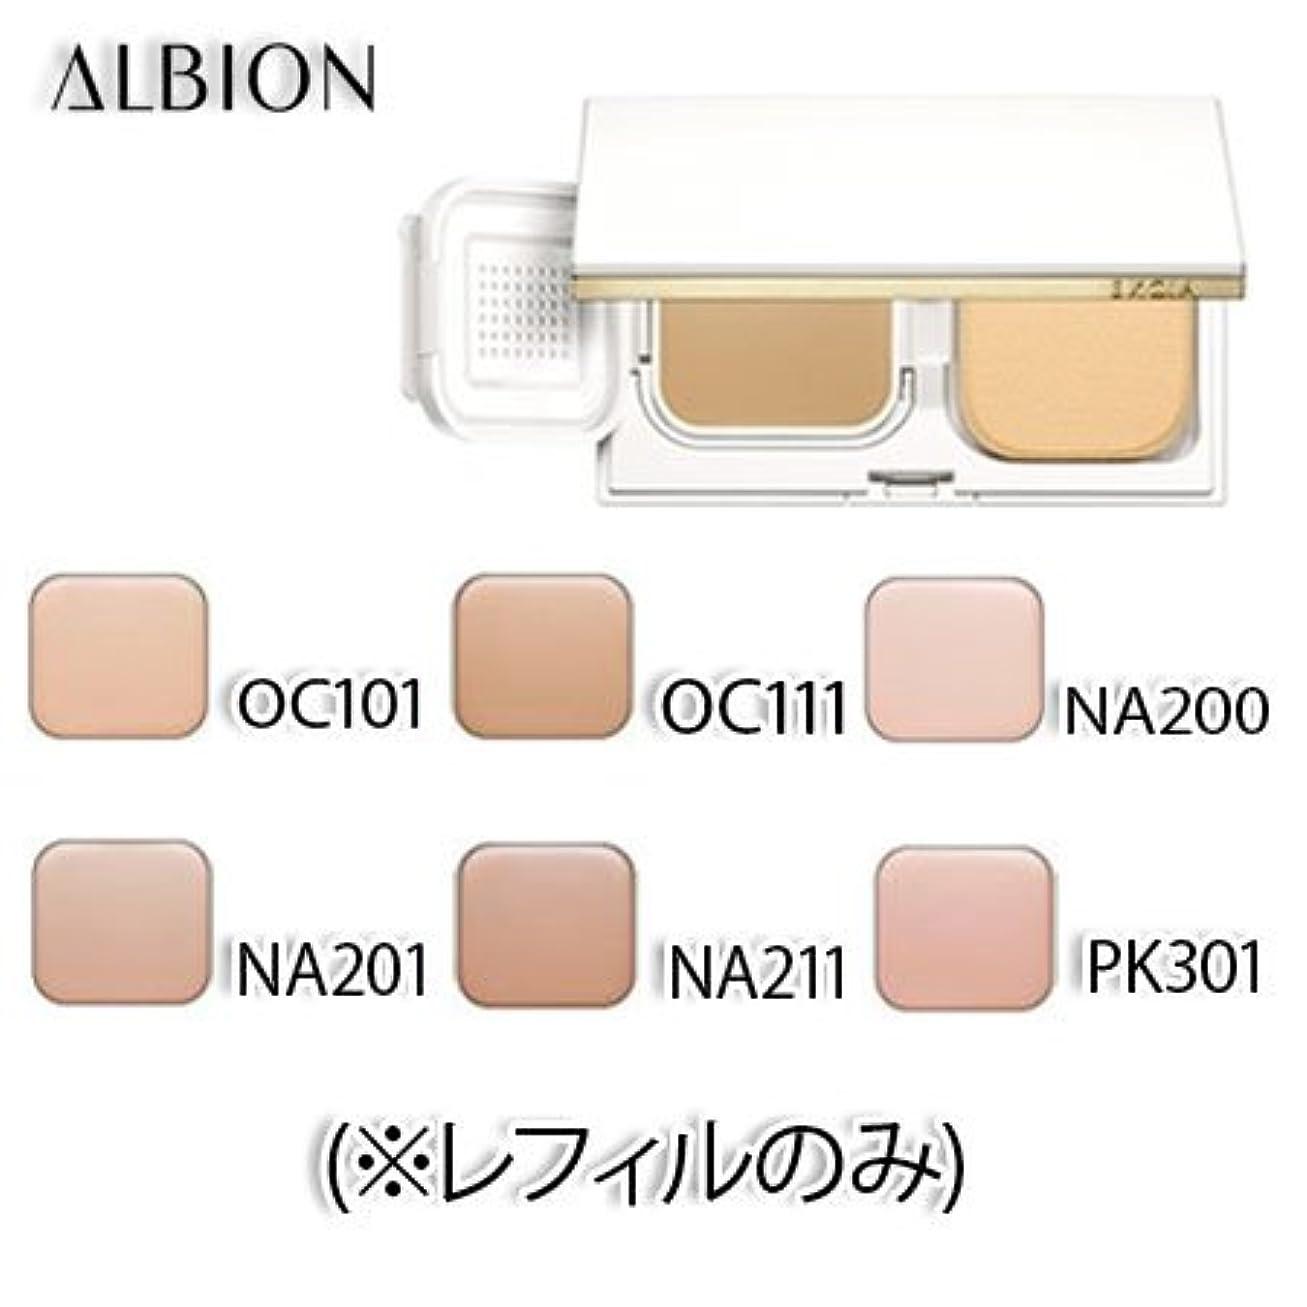 ワット発生器フィットアルビオン エクシア AL リフティング エマルジョン ホワイト 6色 SPF47 PA++++ (レフィルのみ) -ALBION- NA200